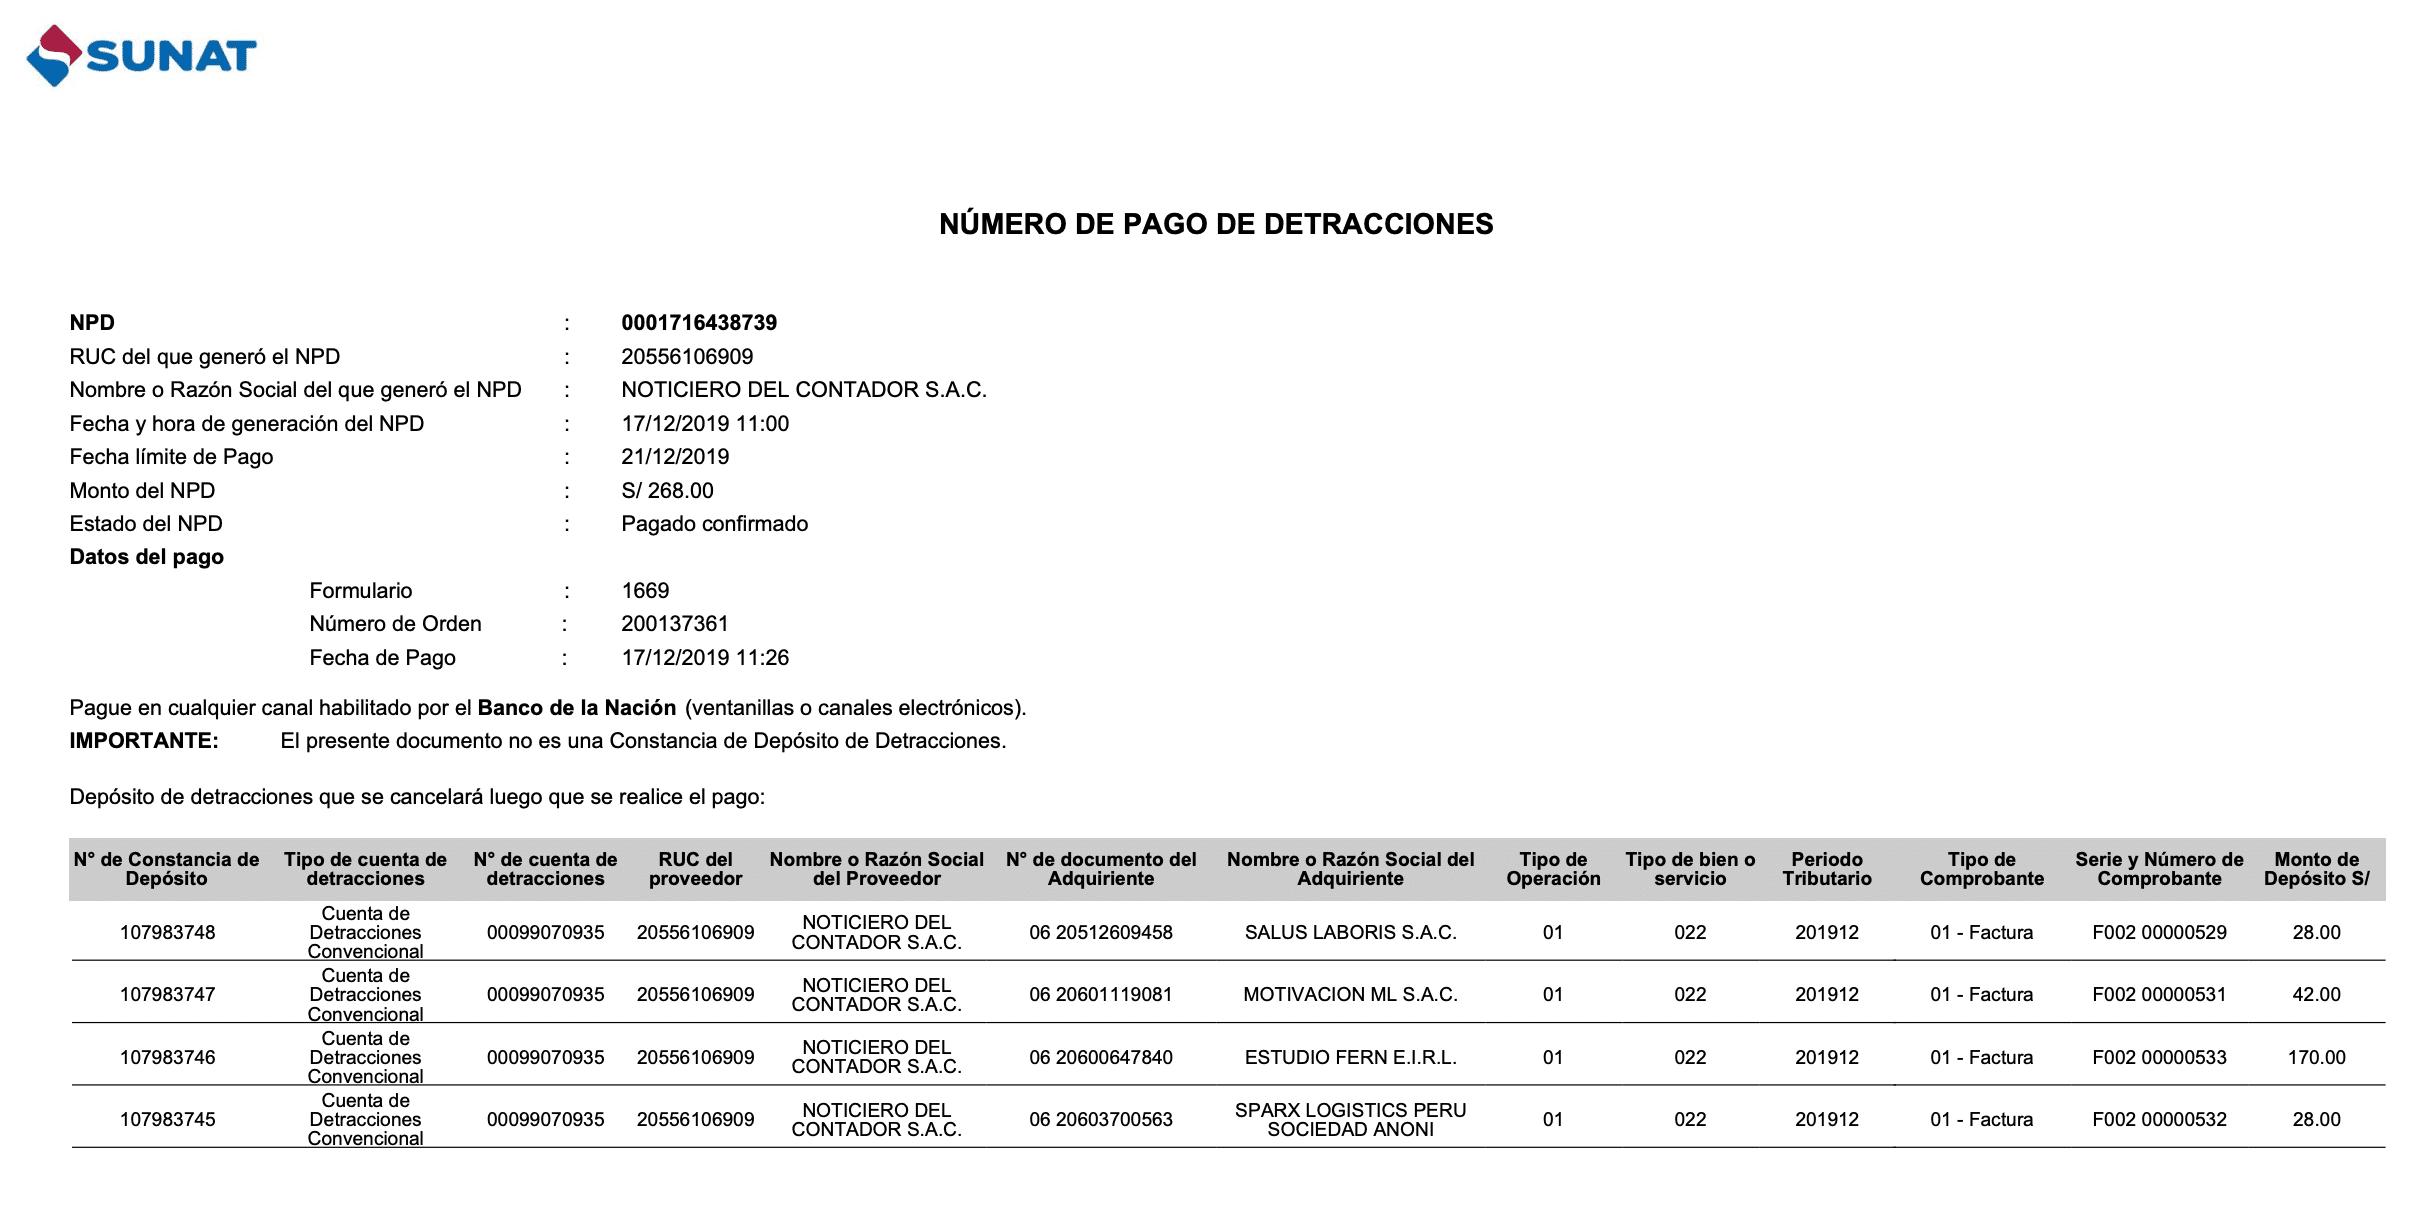 Numero de Pago de Detracciones - SUNAT